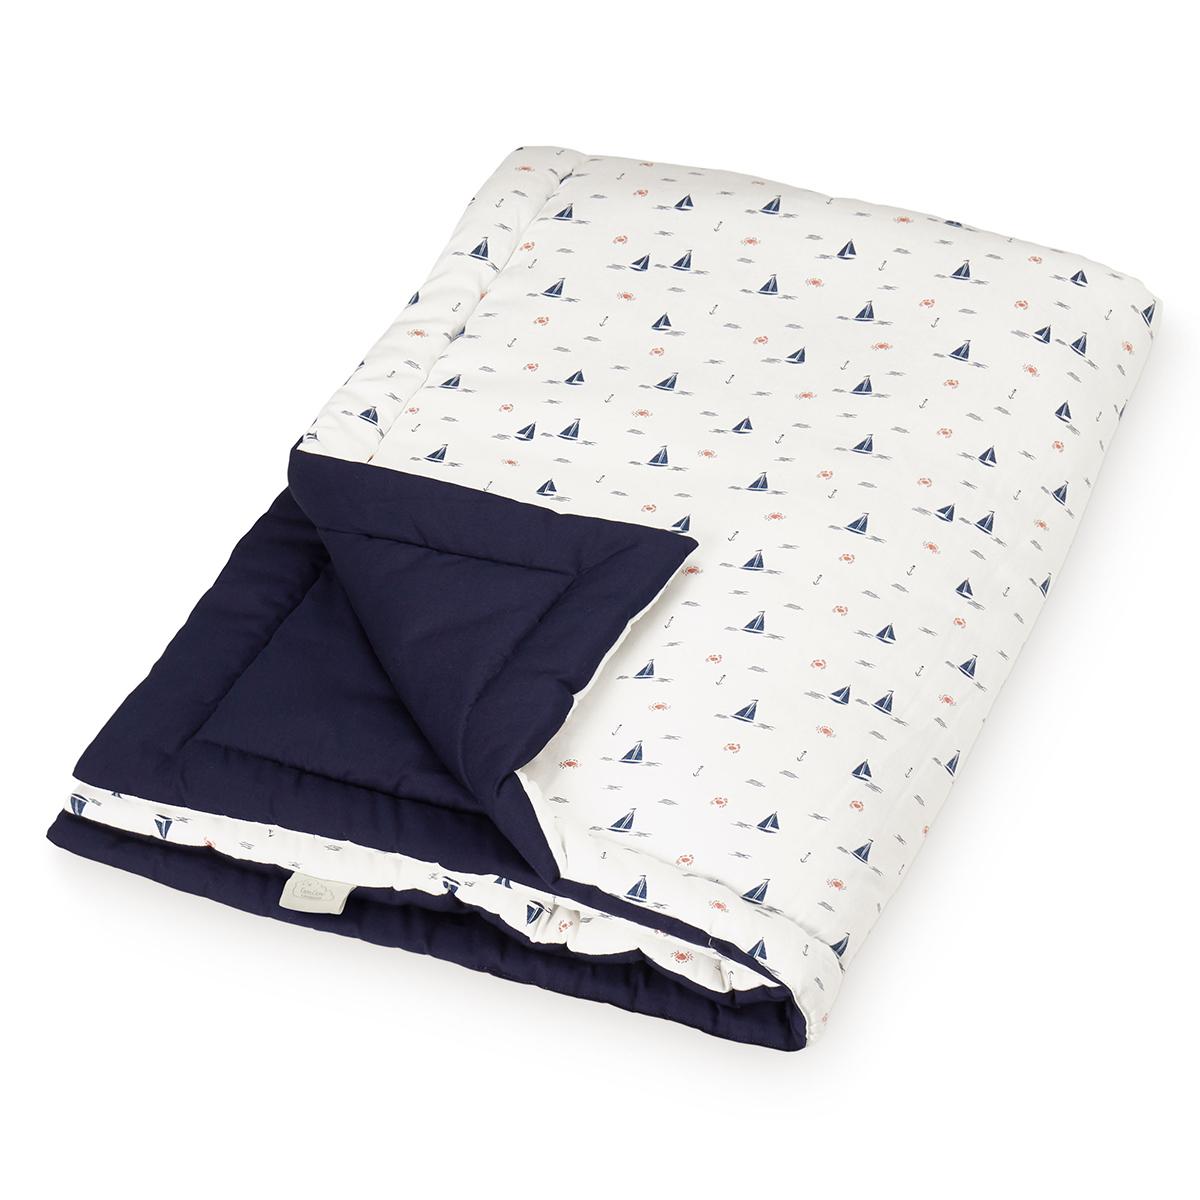 Linge de lit Couverture - Sailboats Couverture - Sailboats